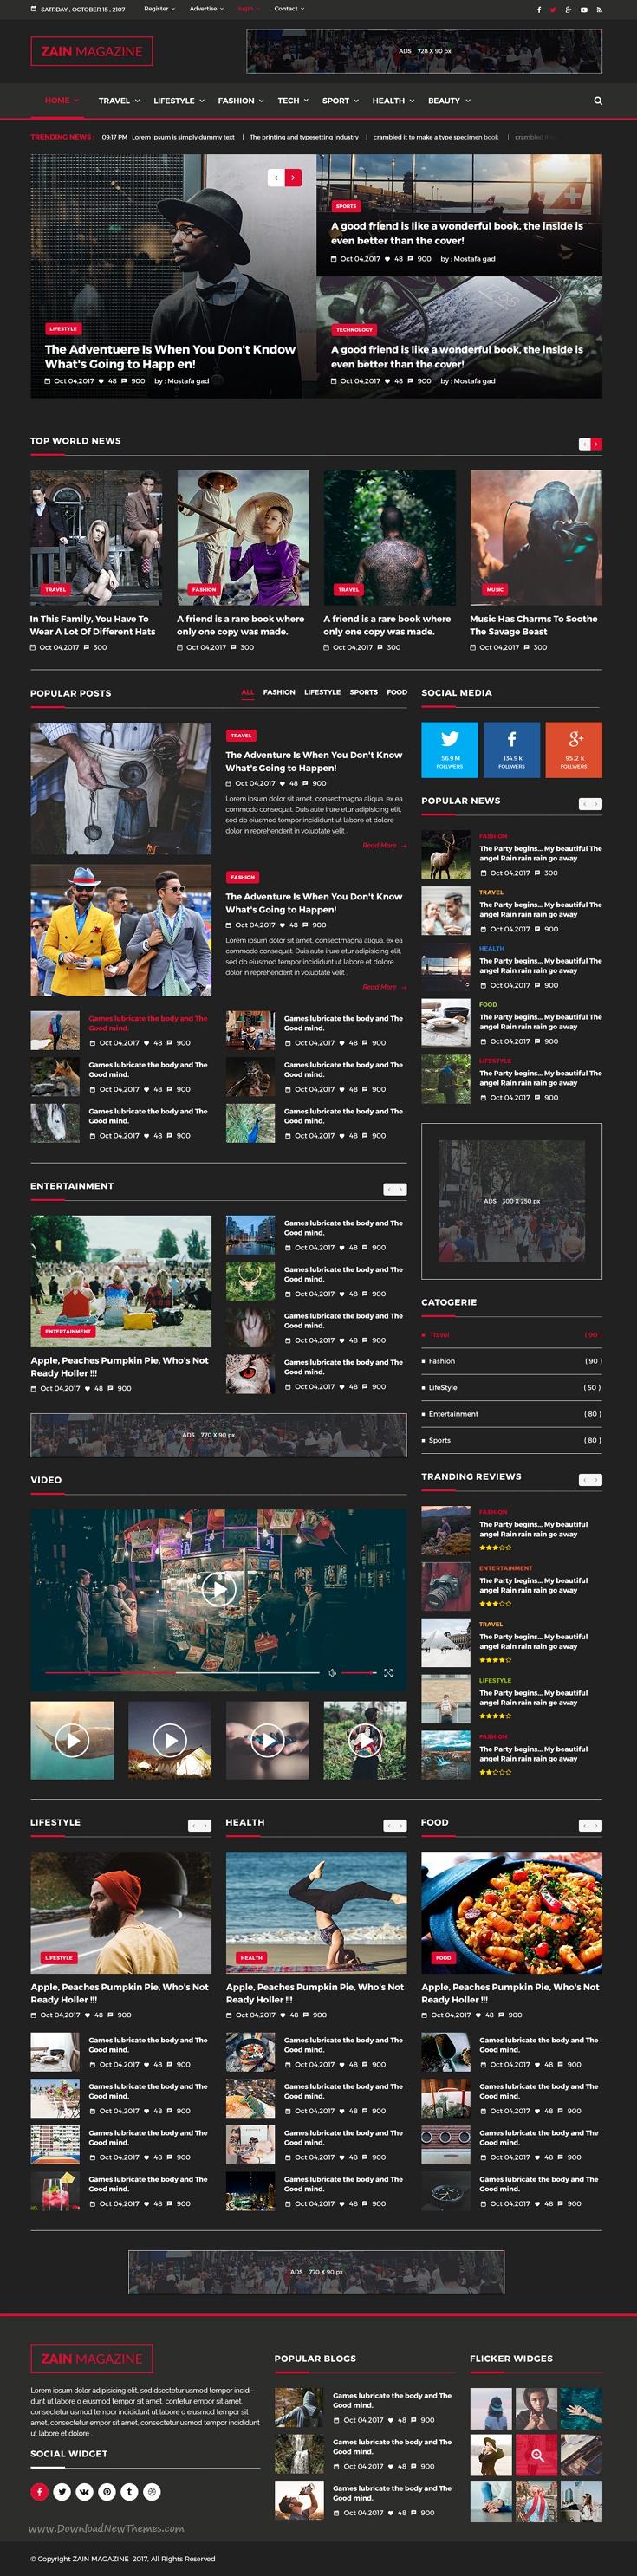 zain news magazine psd template psd templates magazine website